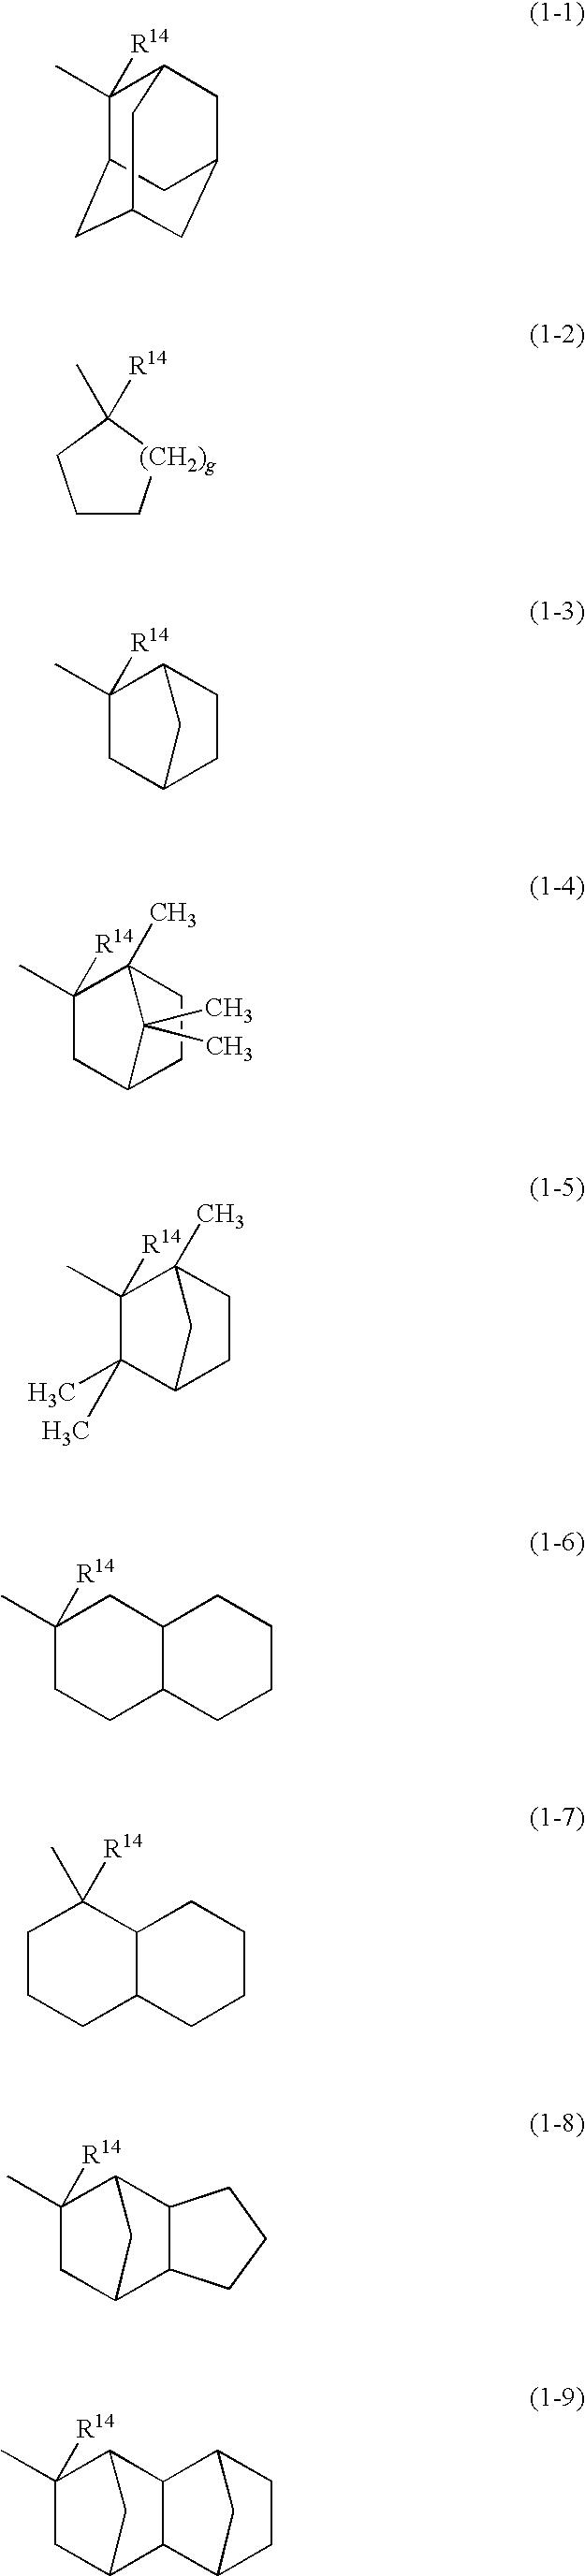 Figure US20100136480A1-20100603-C00012